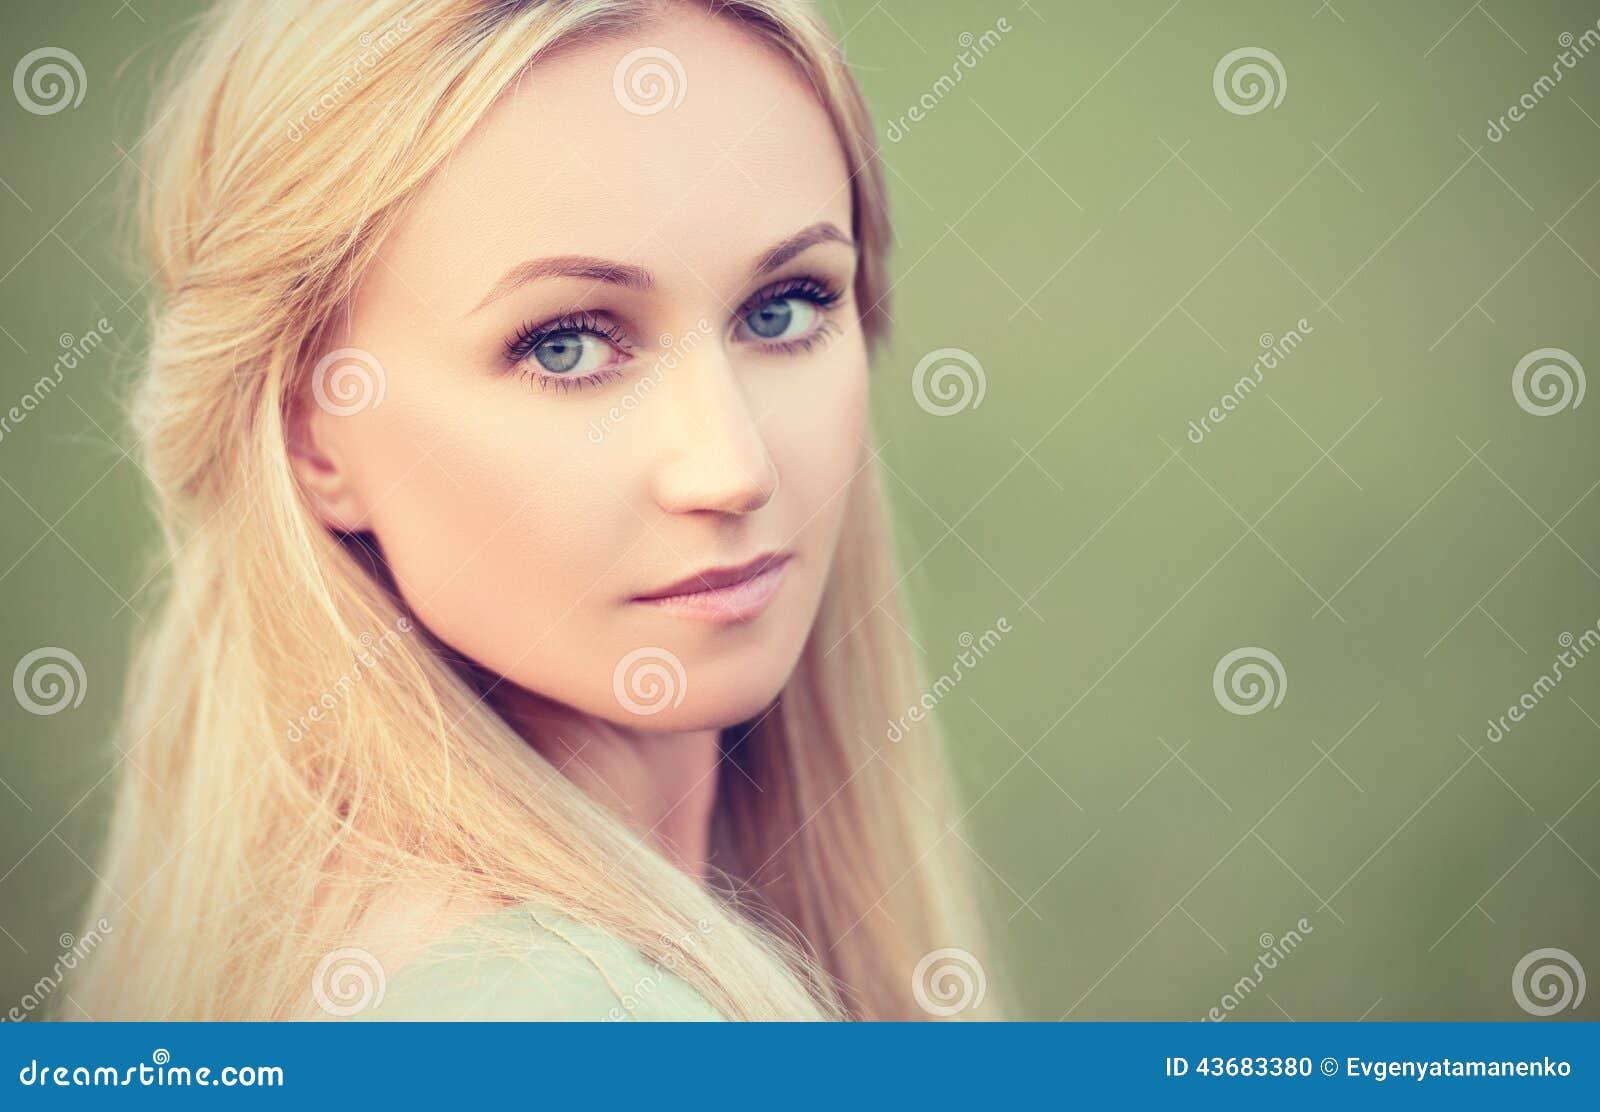 Piękna młoda dziewczyna czarodziejskiego lasu boginka na zielonym tle